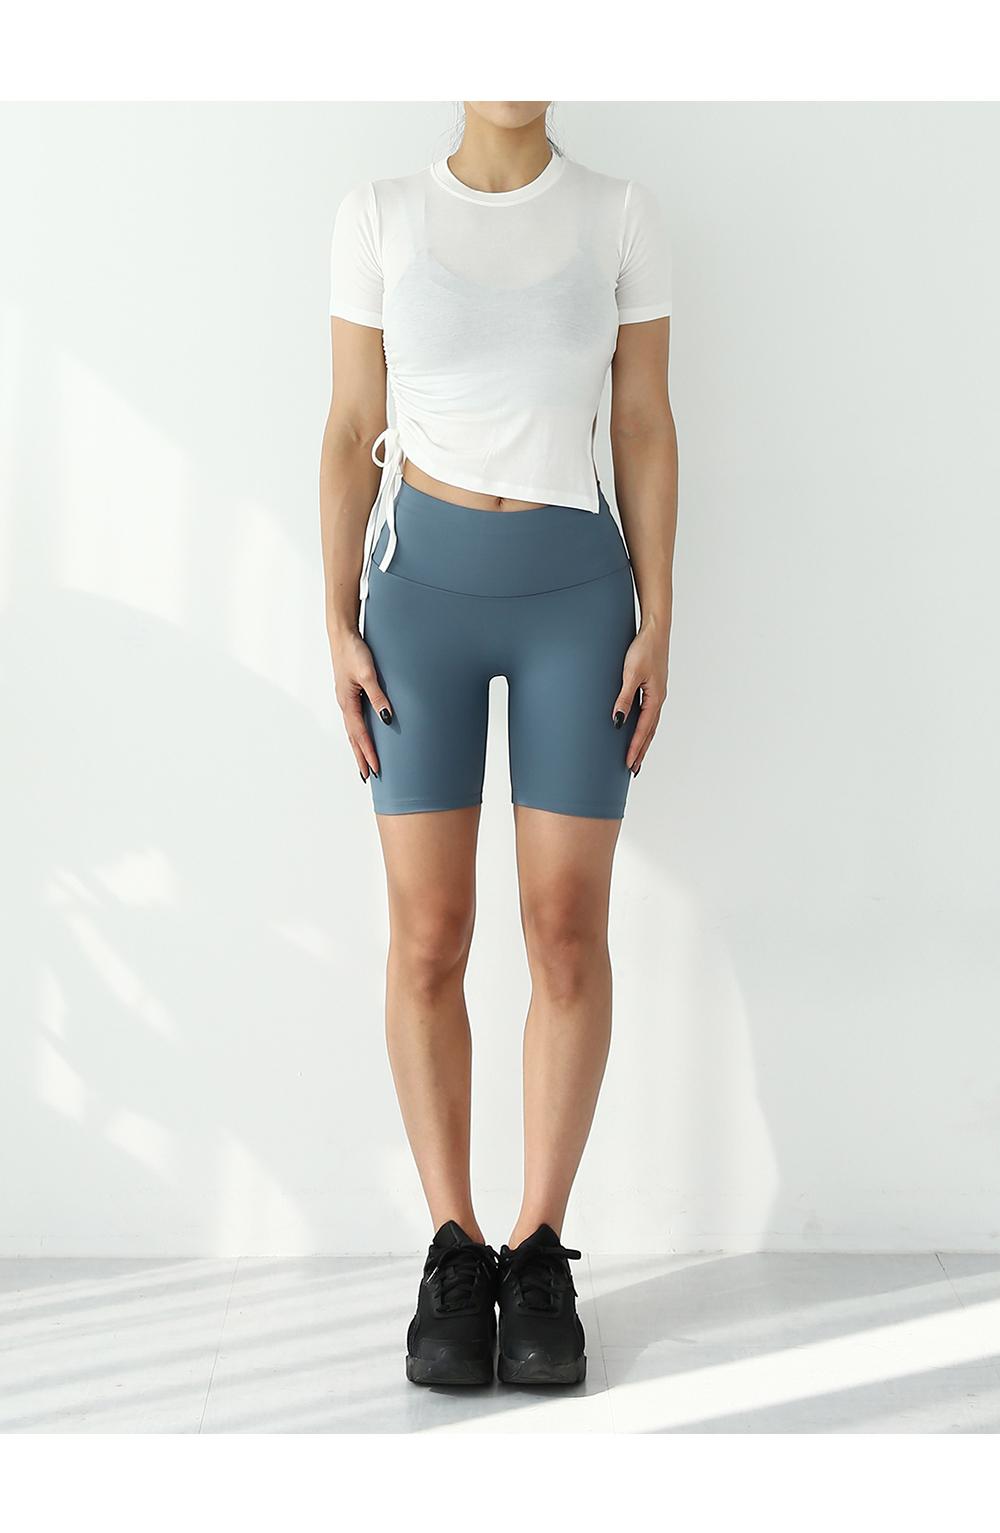 반팔 티셔츠 모델 착용 이미지-S1L15